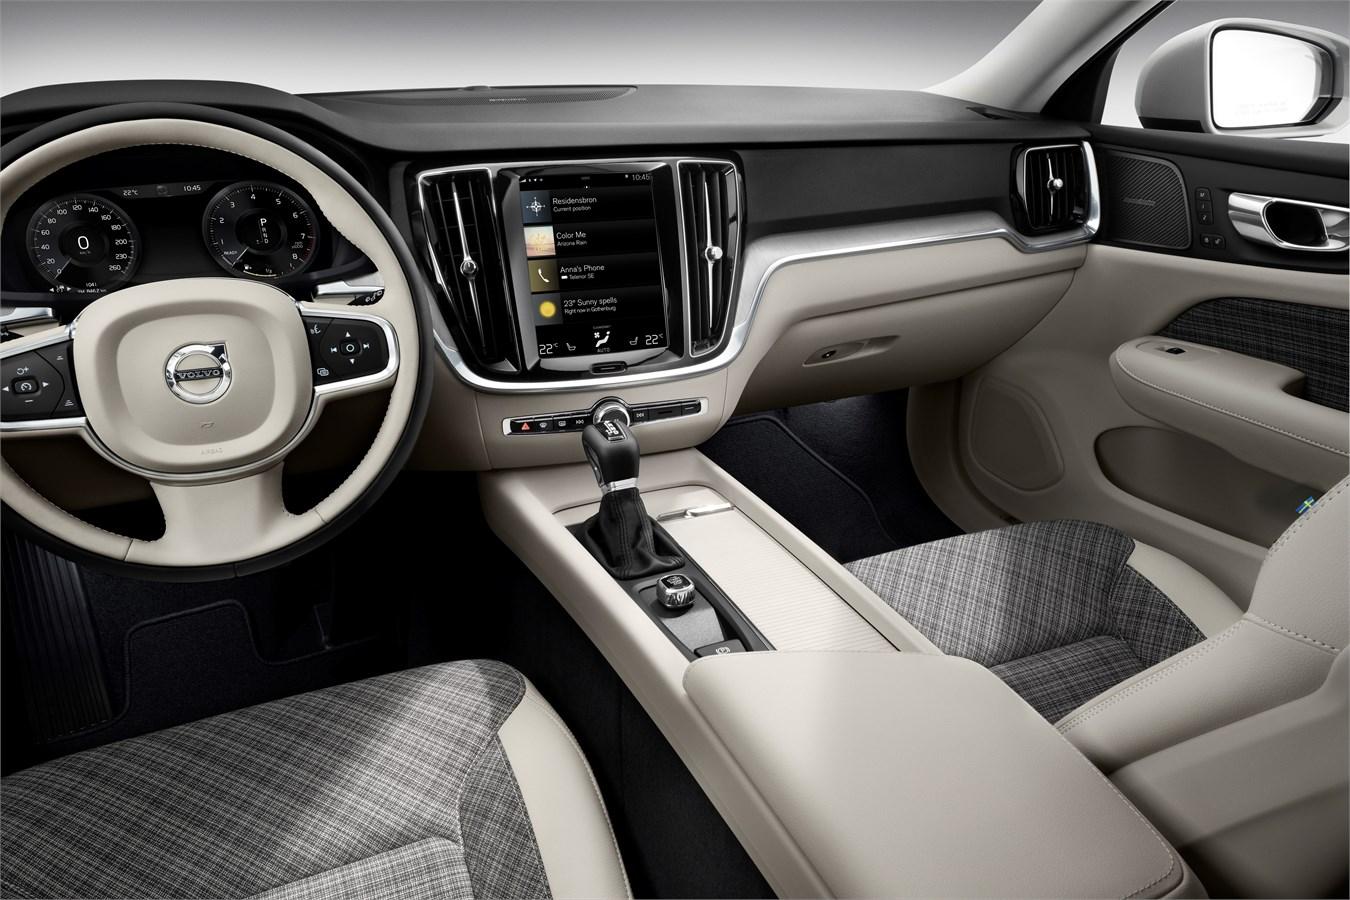 New Volvo V60 - interior design - Volvo Car Group Global Media Newsroom